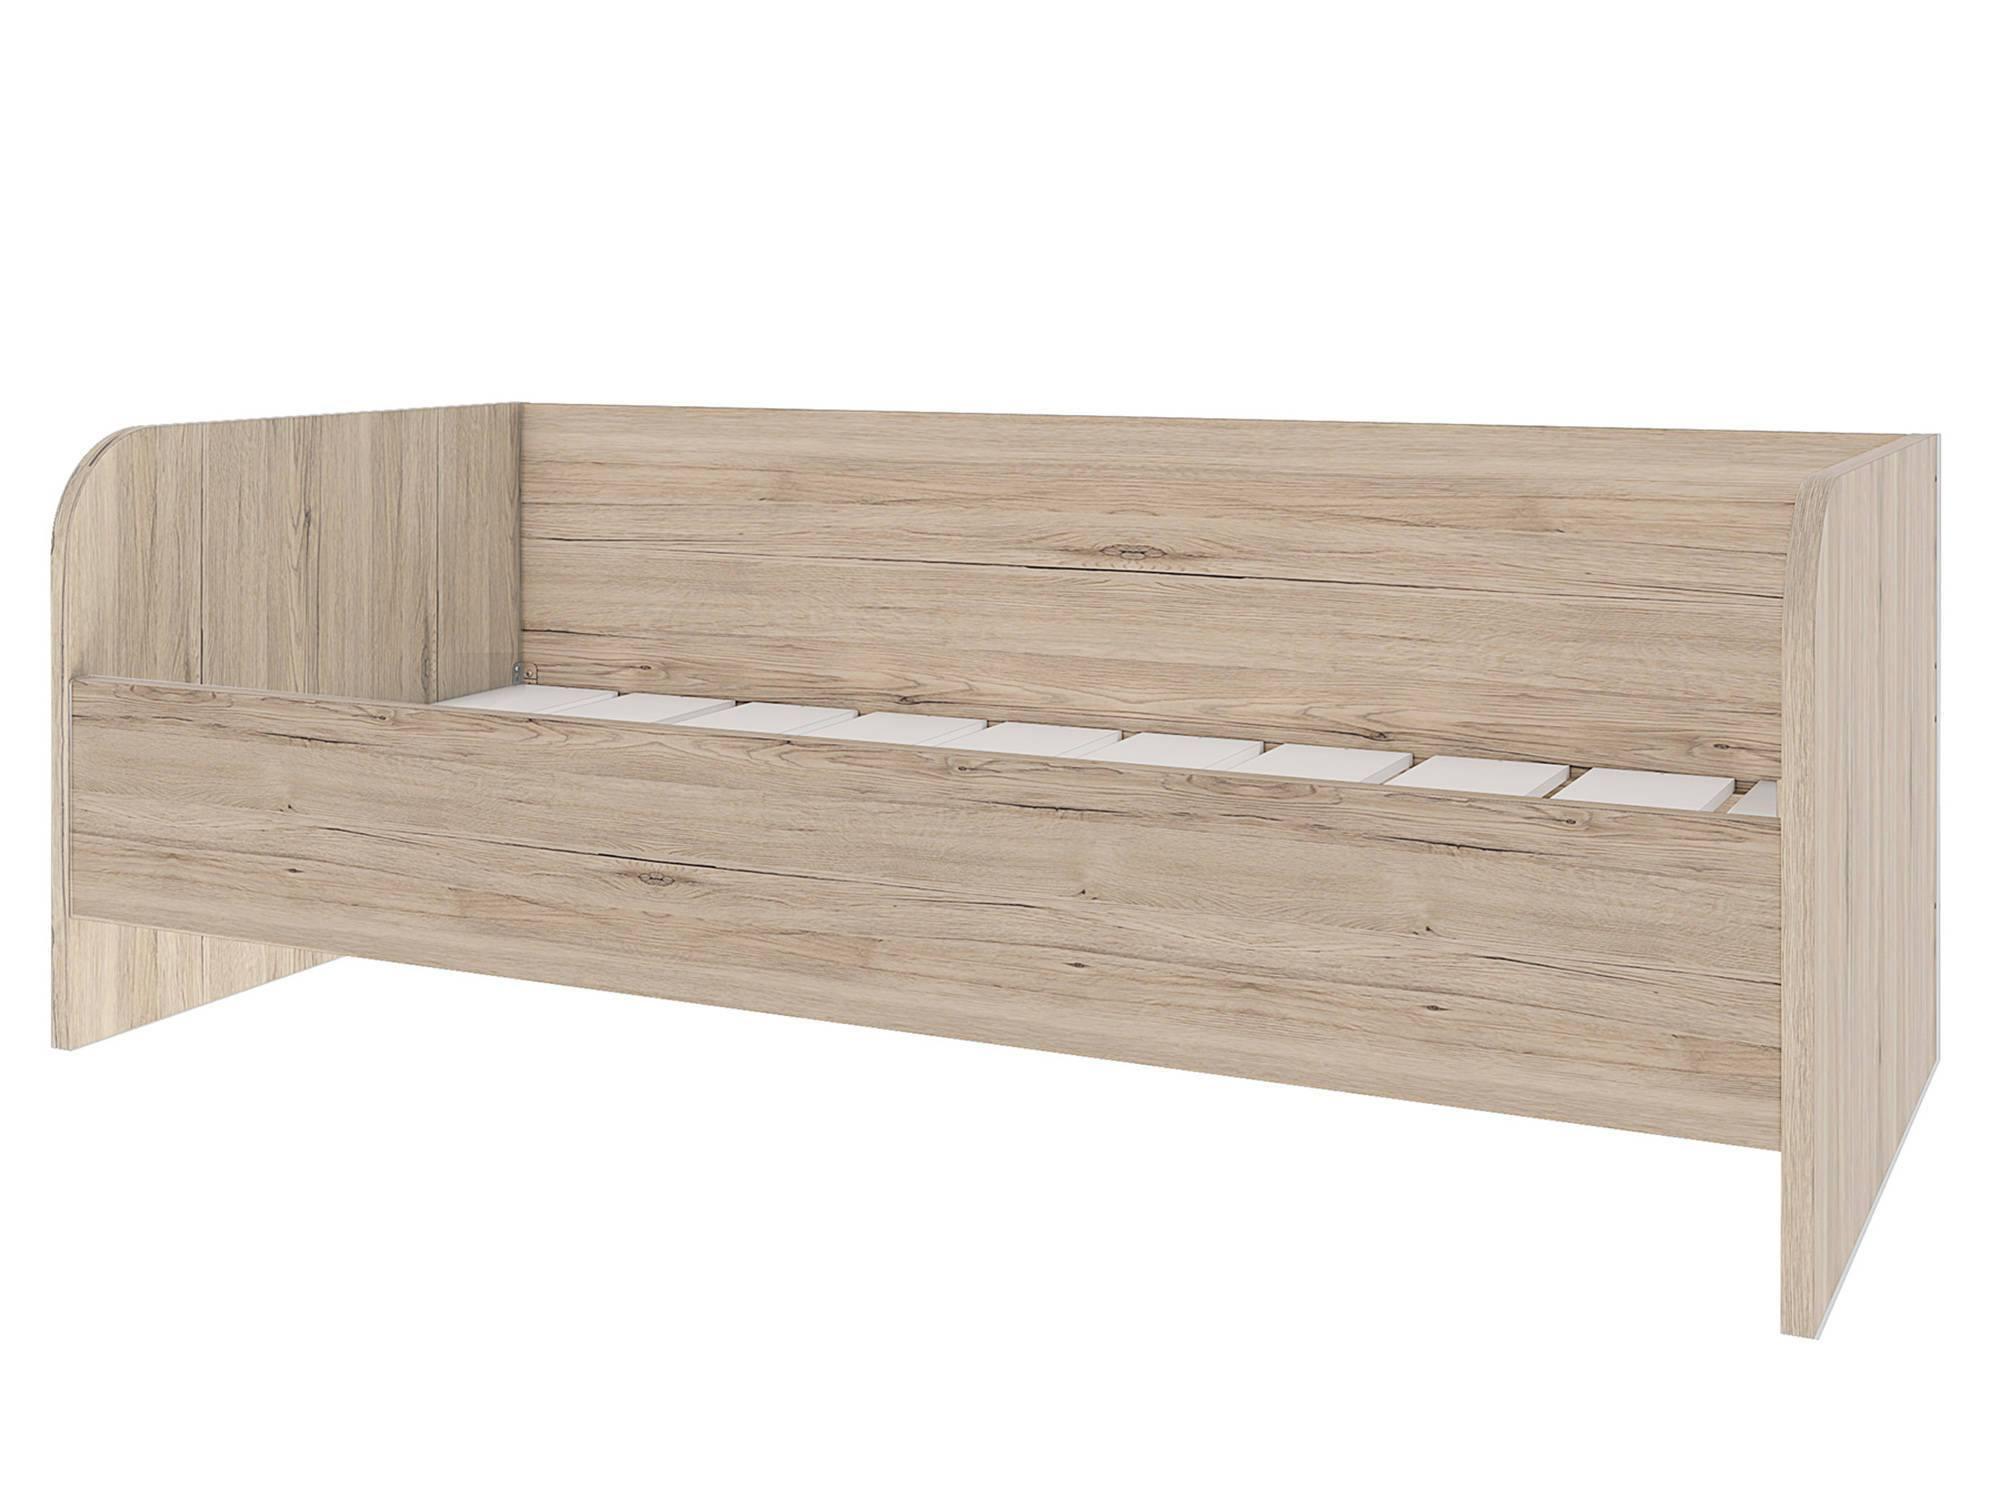 Кровать Венето (90х200) Белый, Бежевый, МДФ, КДСП